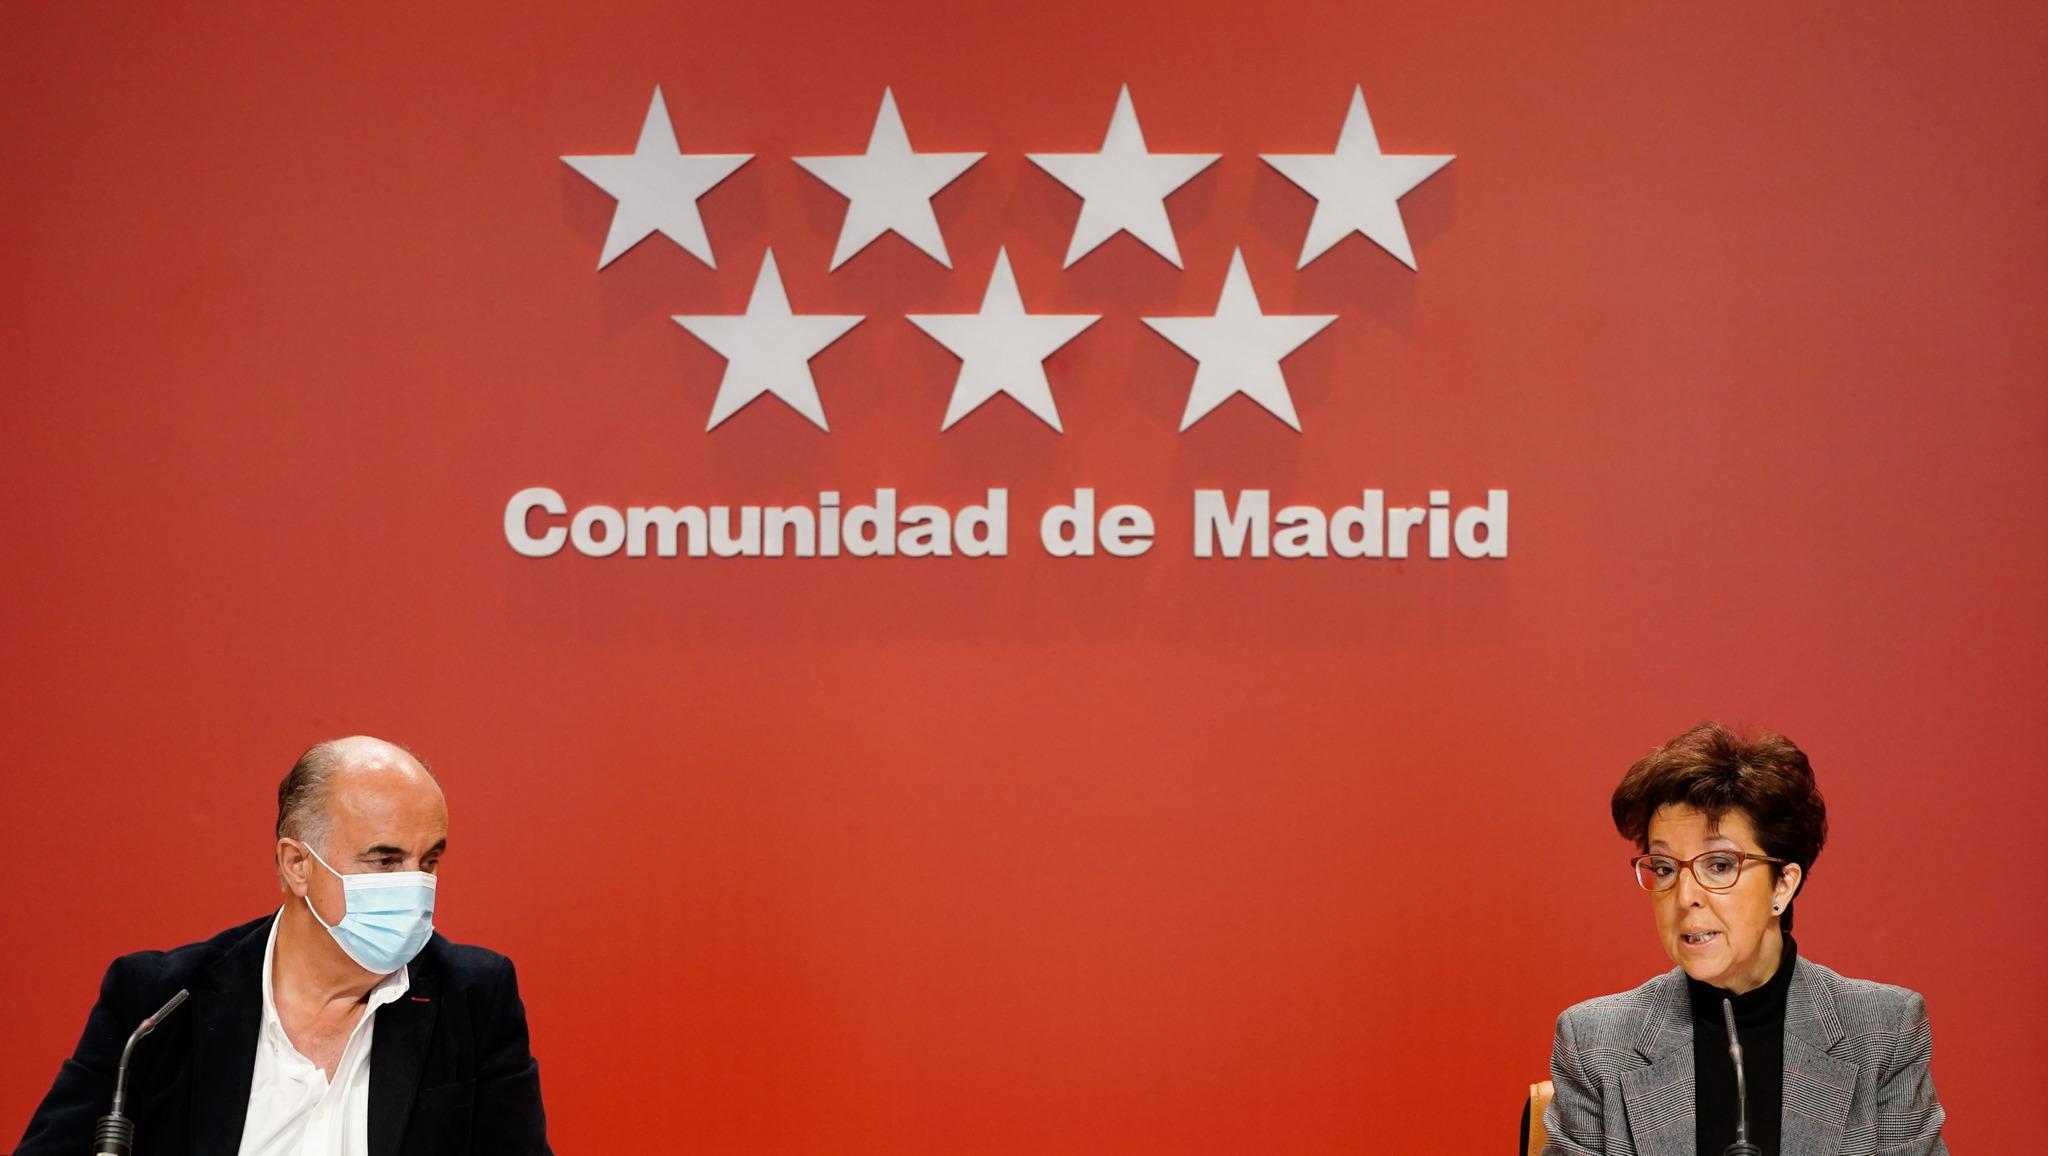 La Comunidad de Madrid adelanta el cierre de la hostelería a las 22 horas y la limitación de movilidad nocturna a las 23 horas - La Viña